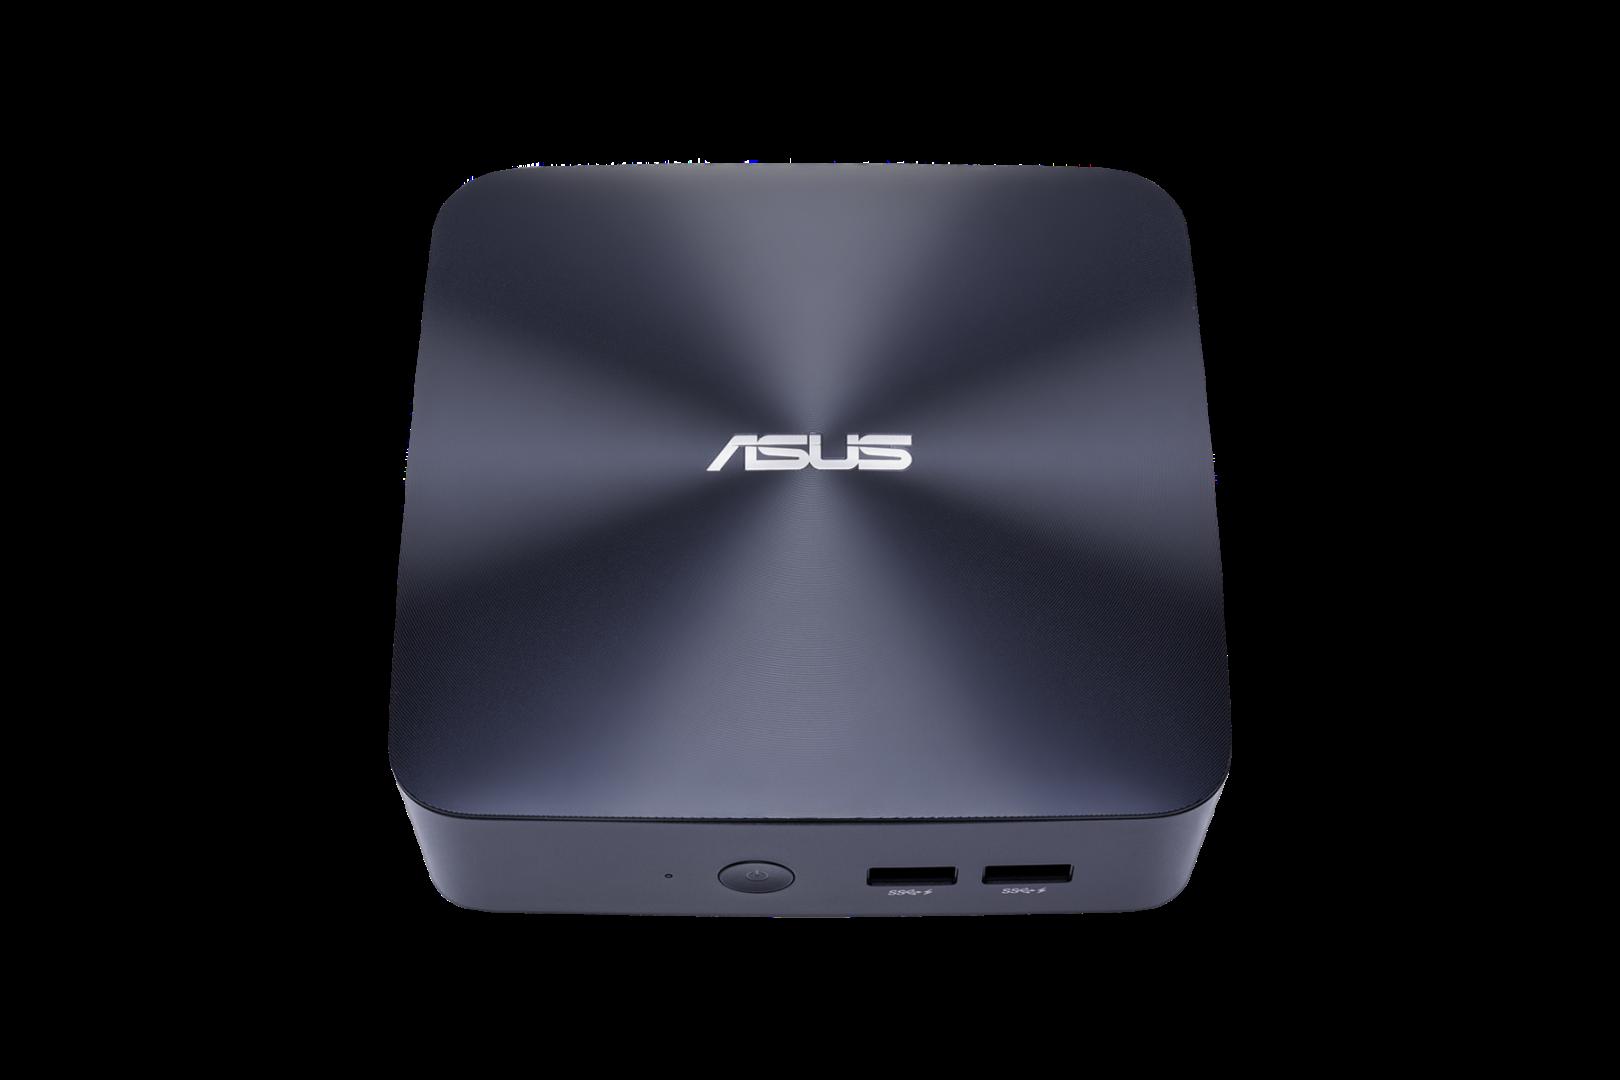 CES 2017: ASUS Announces VivoMini PCs